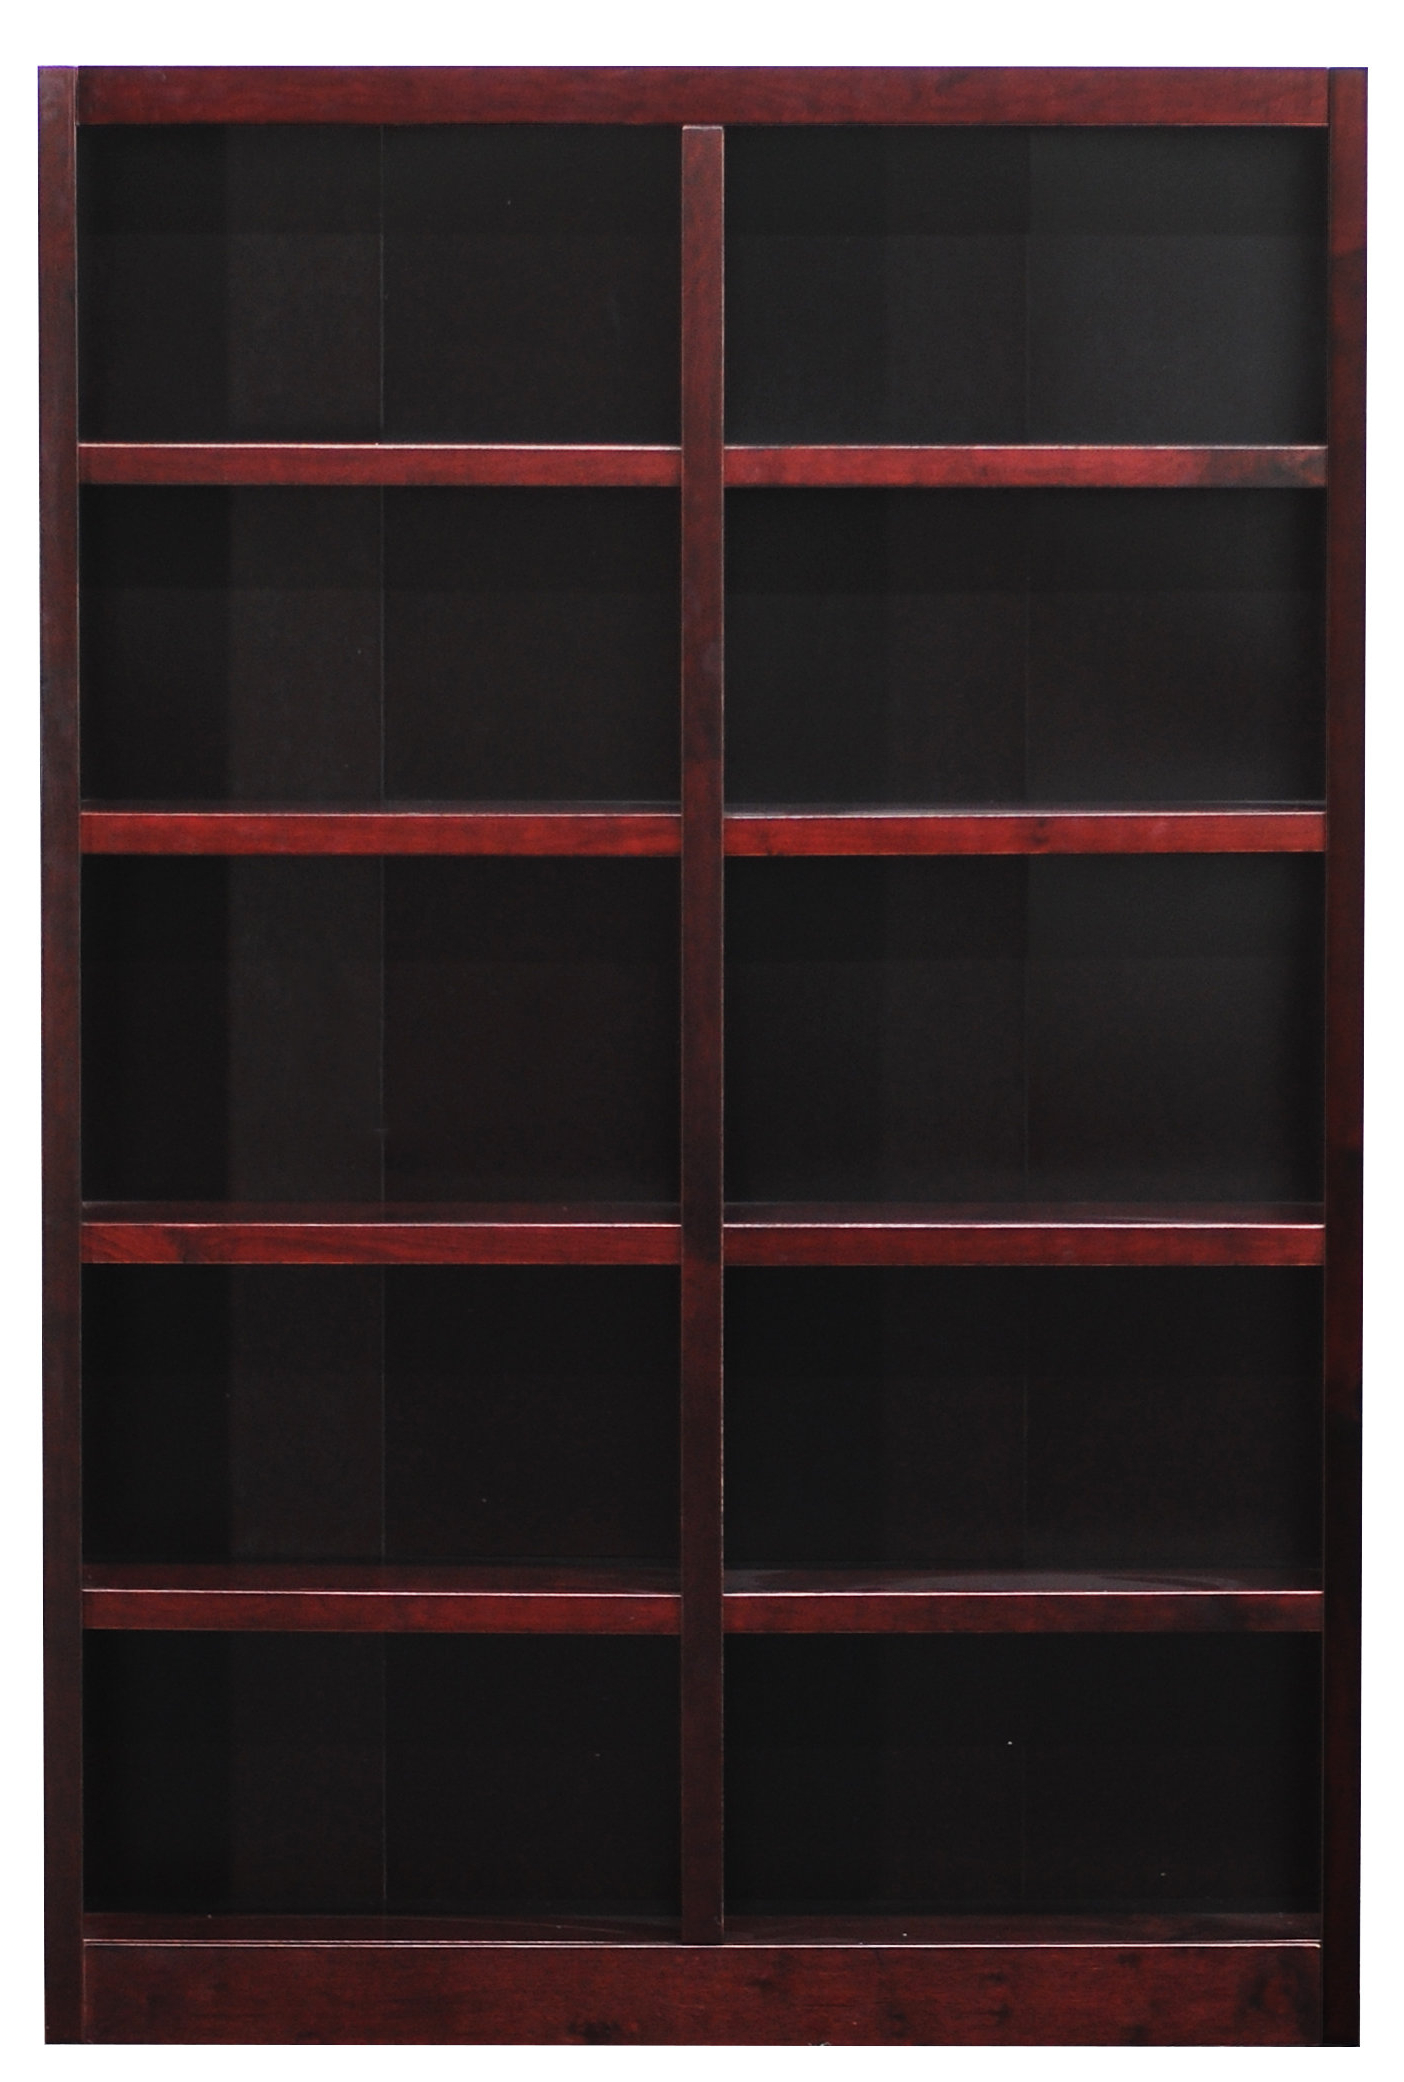 Cerrato Standard Bookcases For Current Patro Standard Bookcase (View 11 of 20)